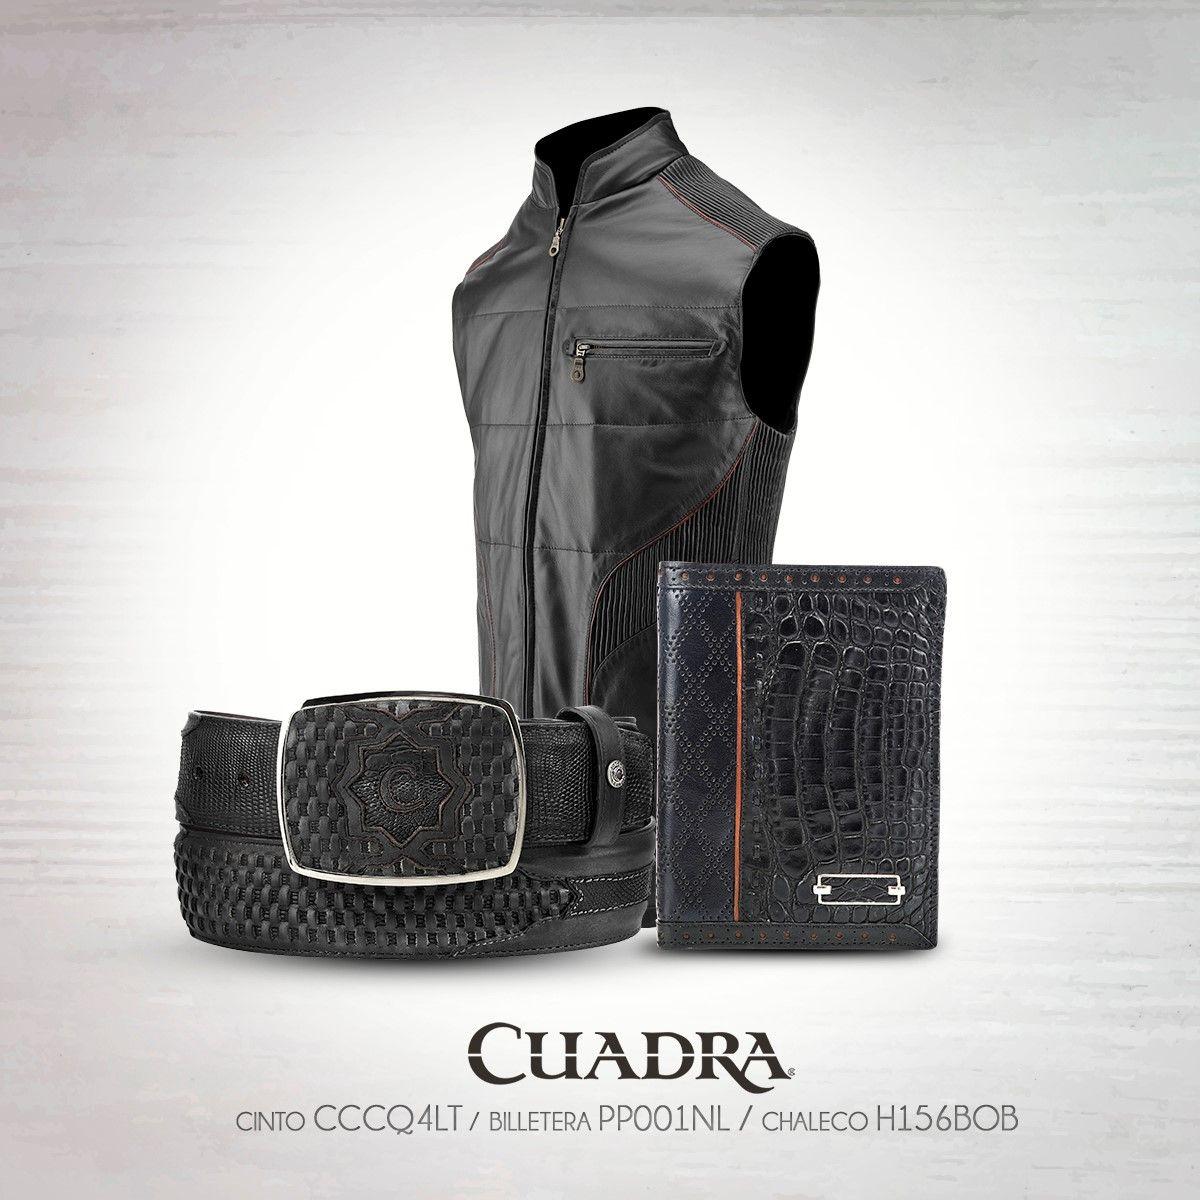 El negro caracteriza a las personas elegantes y misteriosas.  CUADRA  Cintos   Chaleco  Billetera  Exotic  Leather  Black 240496ed07e67